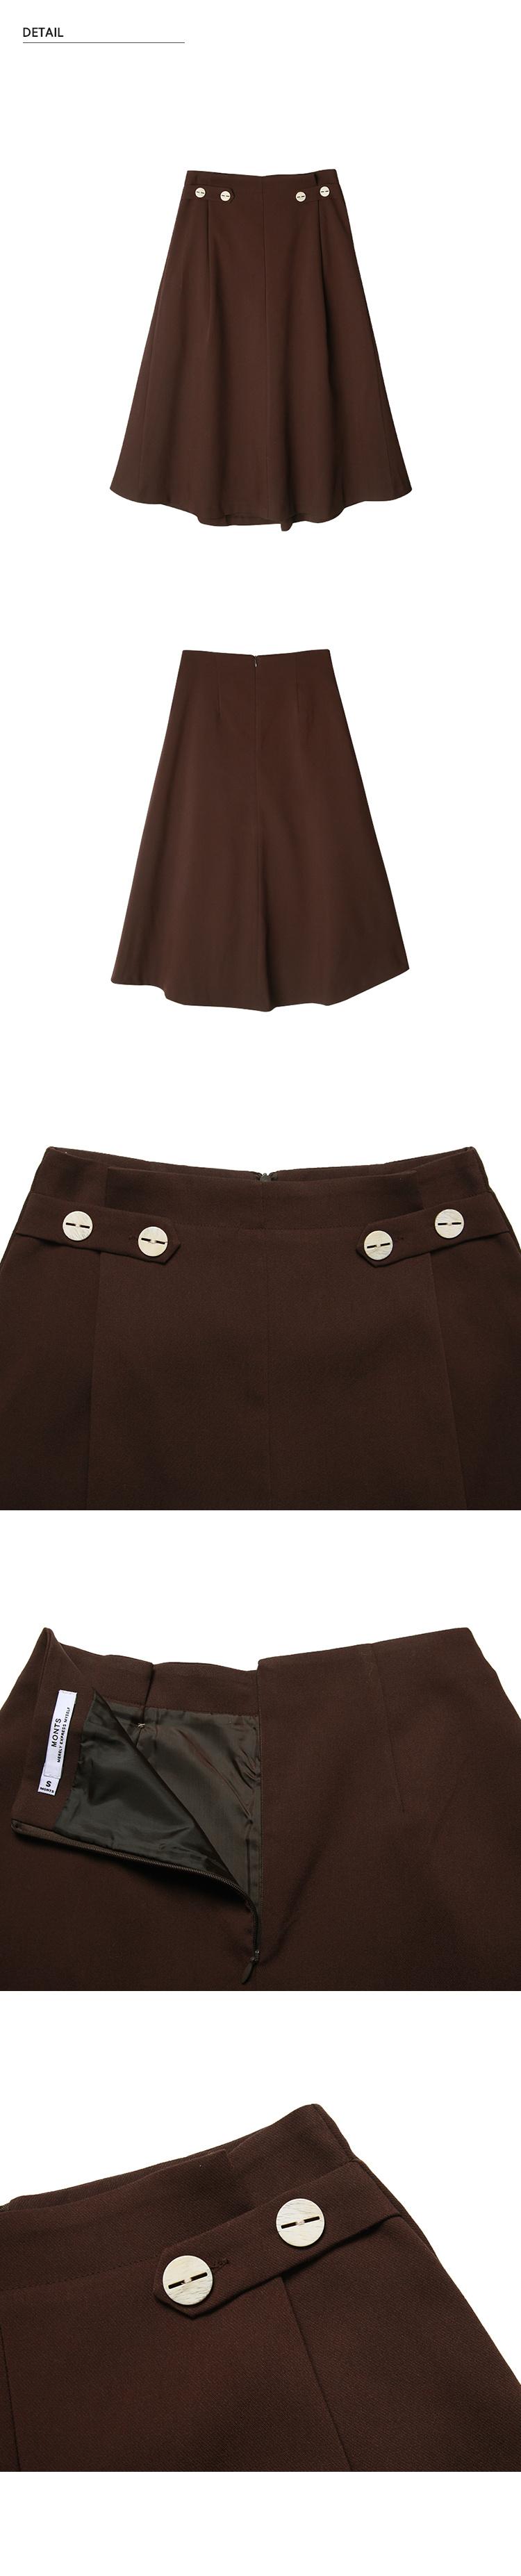 몬츠(MONTS) 850 flared skirt with button details (brown)